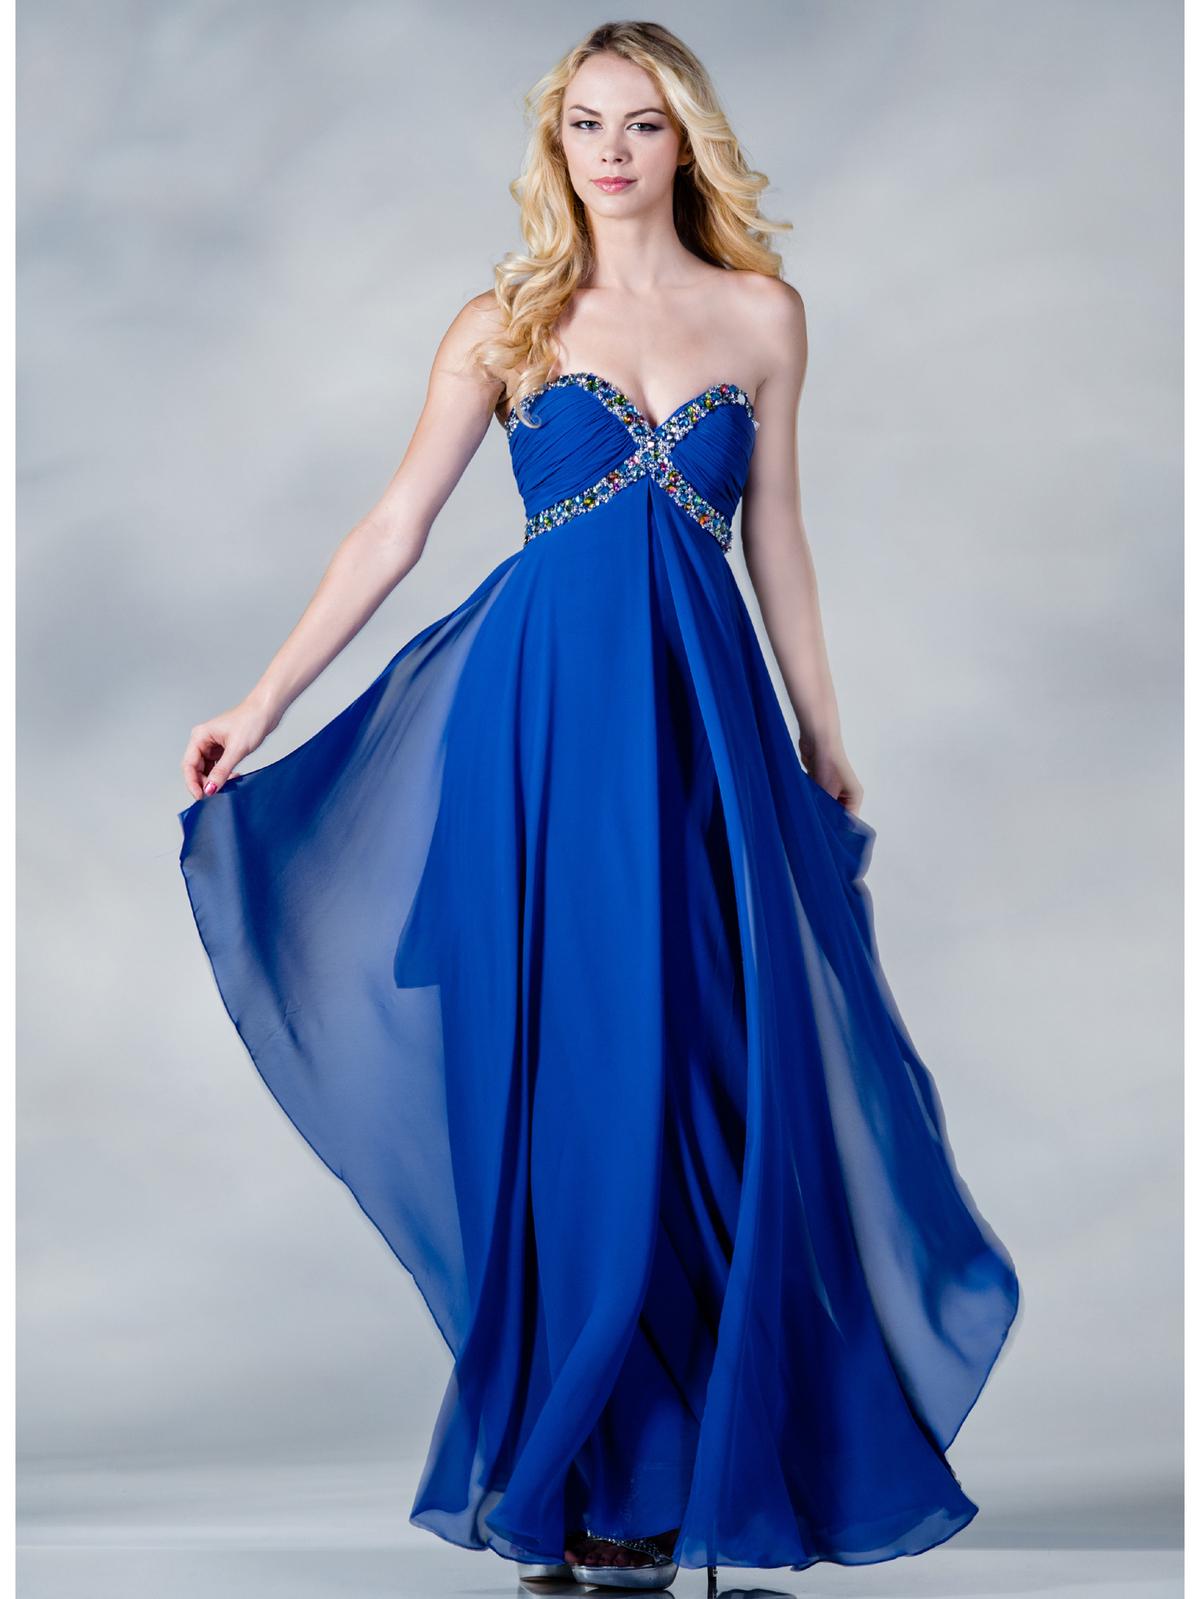 Strapless Beaded Prom Dresses